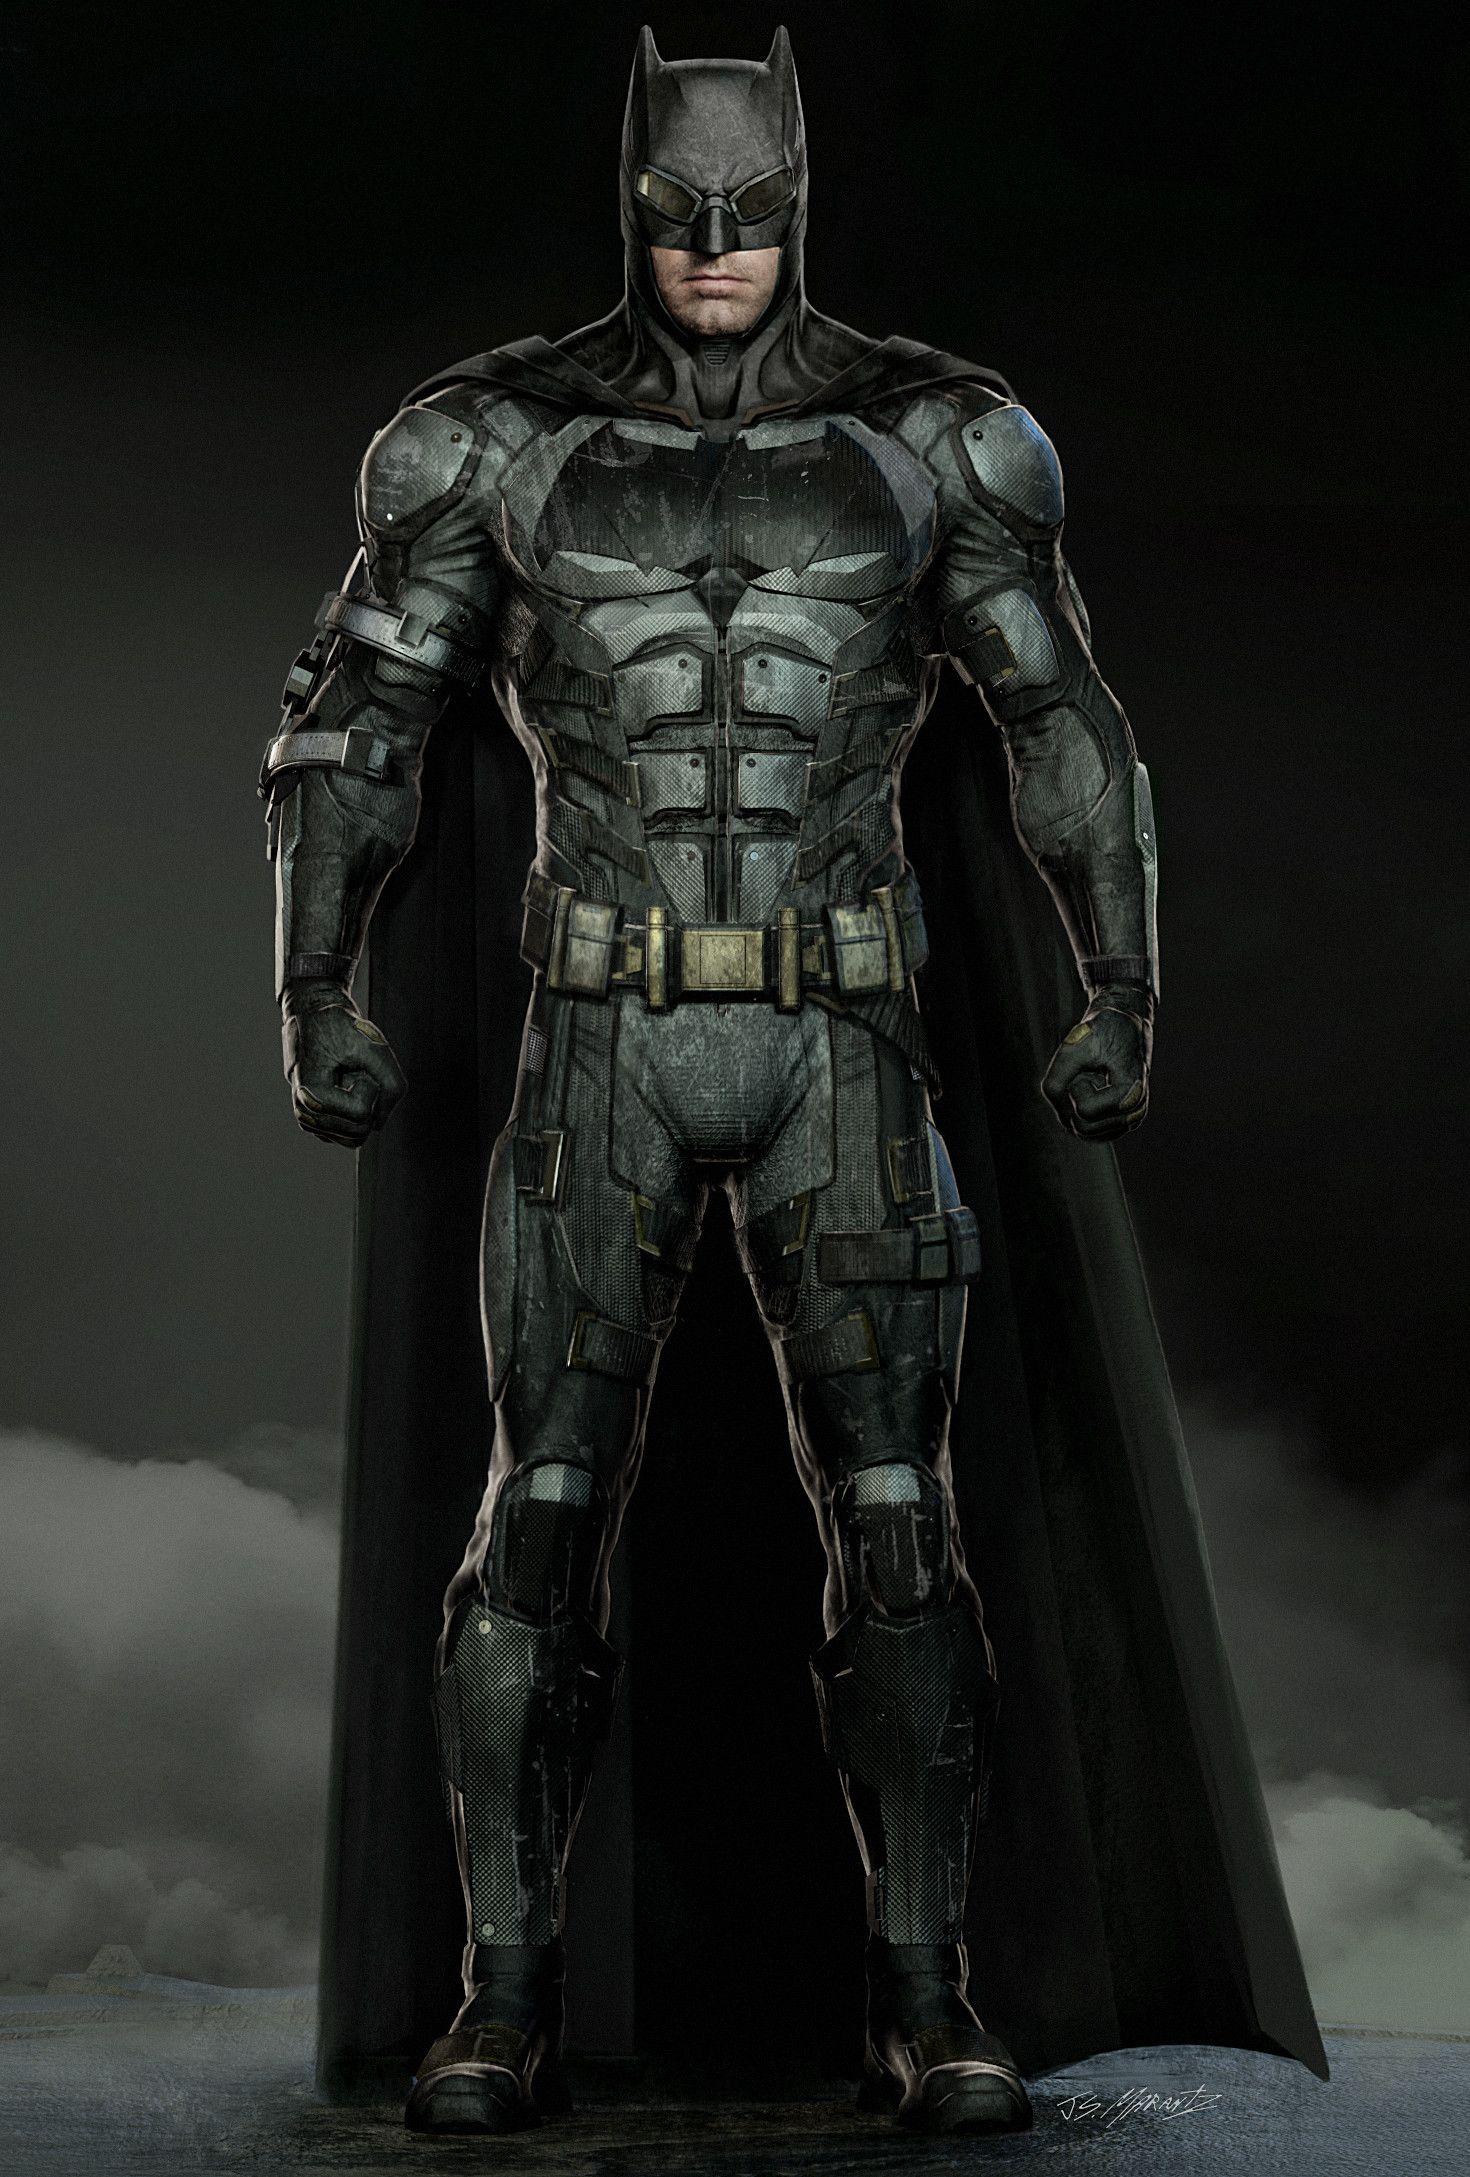 bat suit designs - HD1470×2177